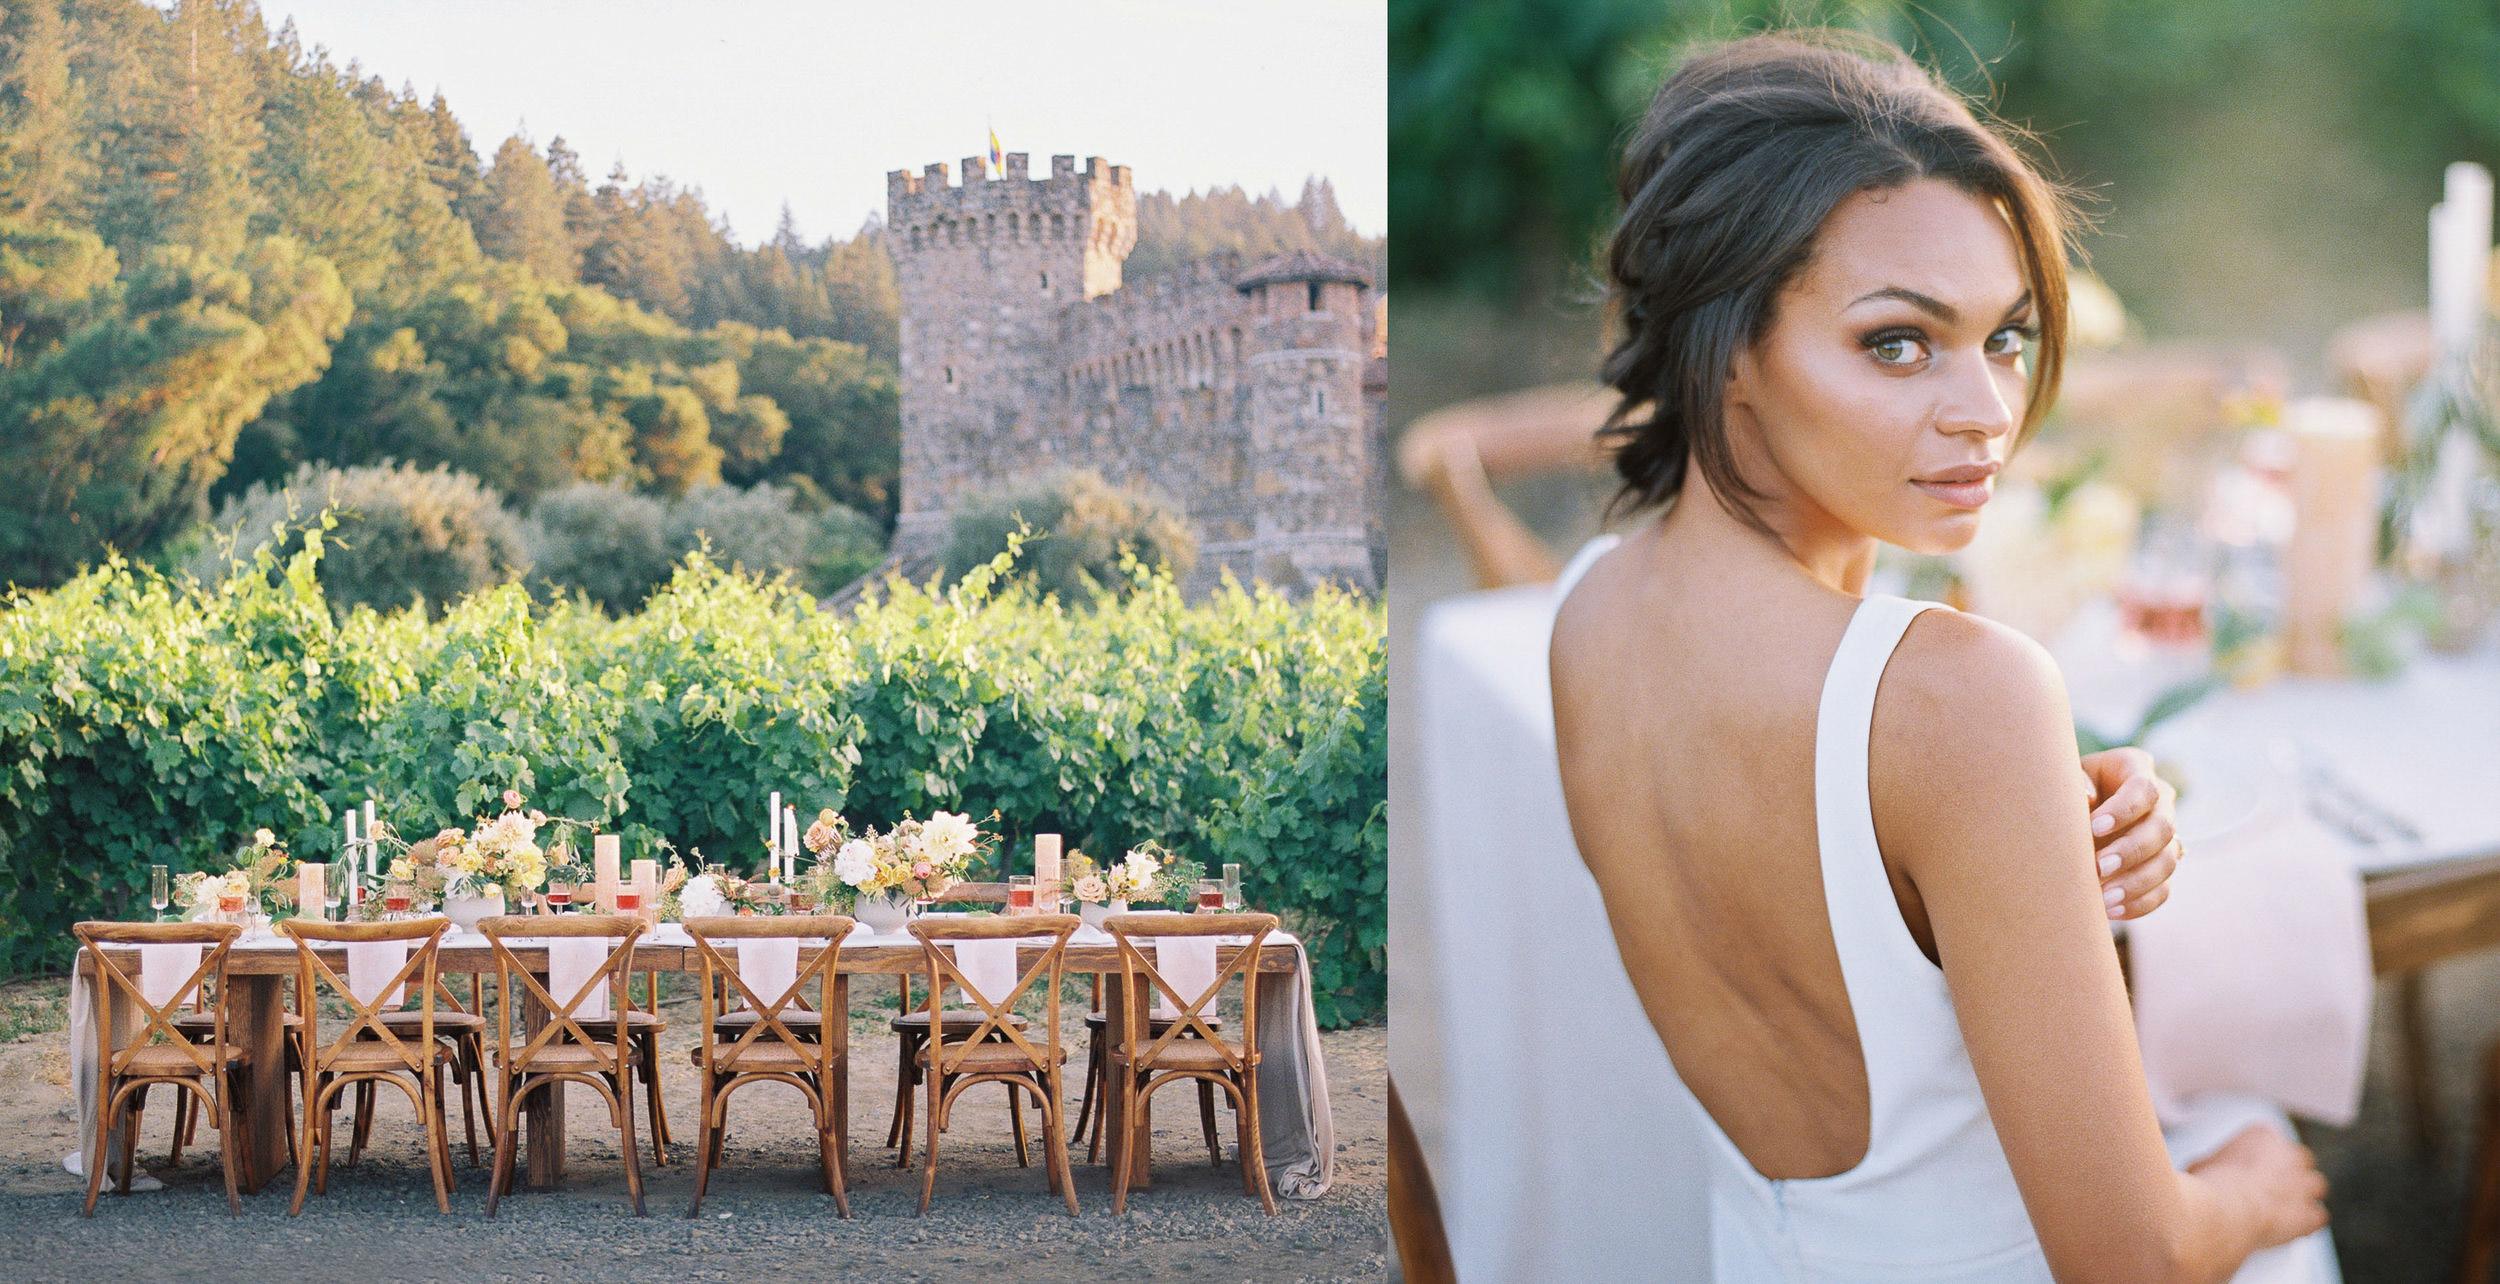 05_destination+worldwide+elopement+wedding+film+photographer+cinematographer_.jpg